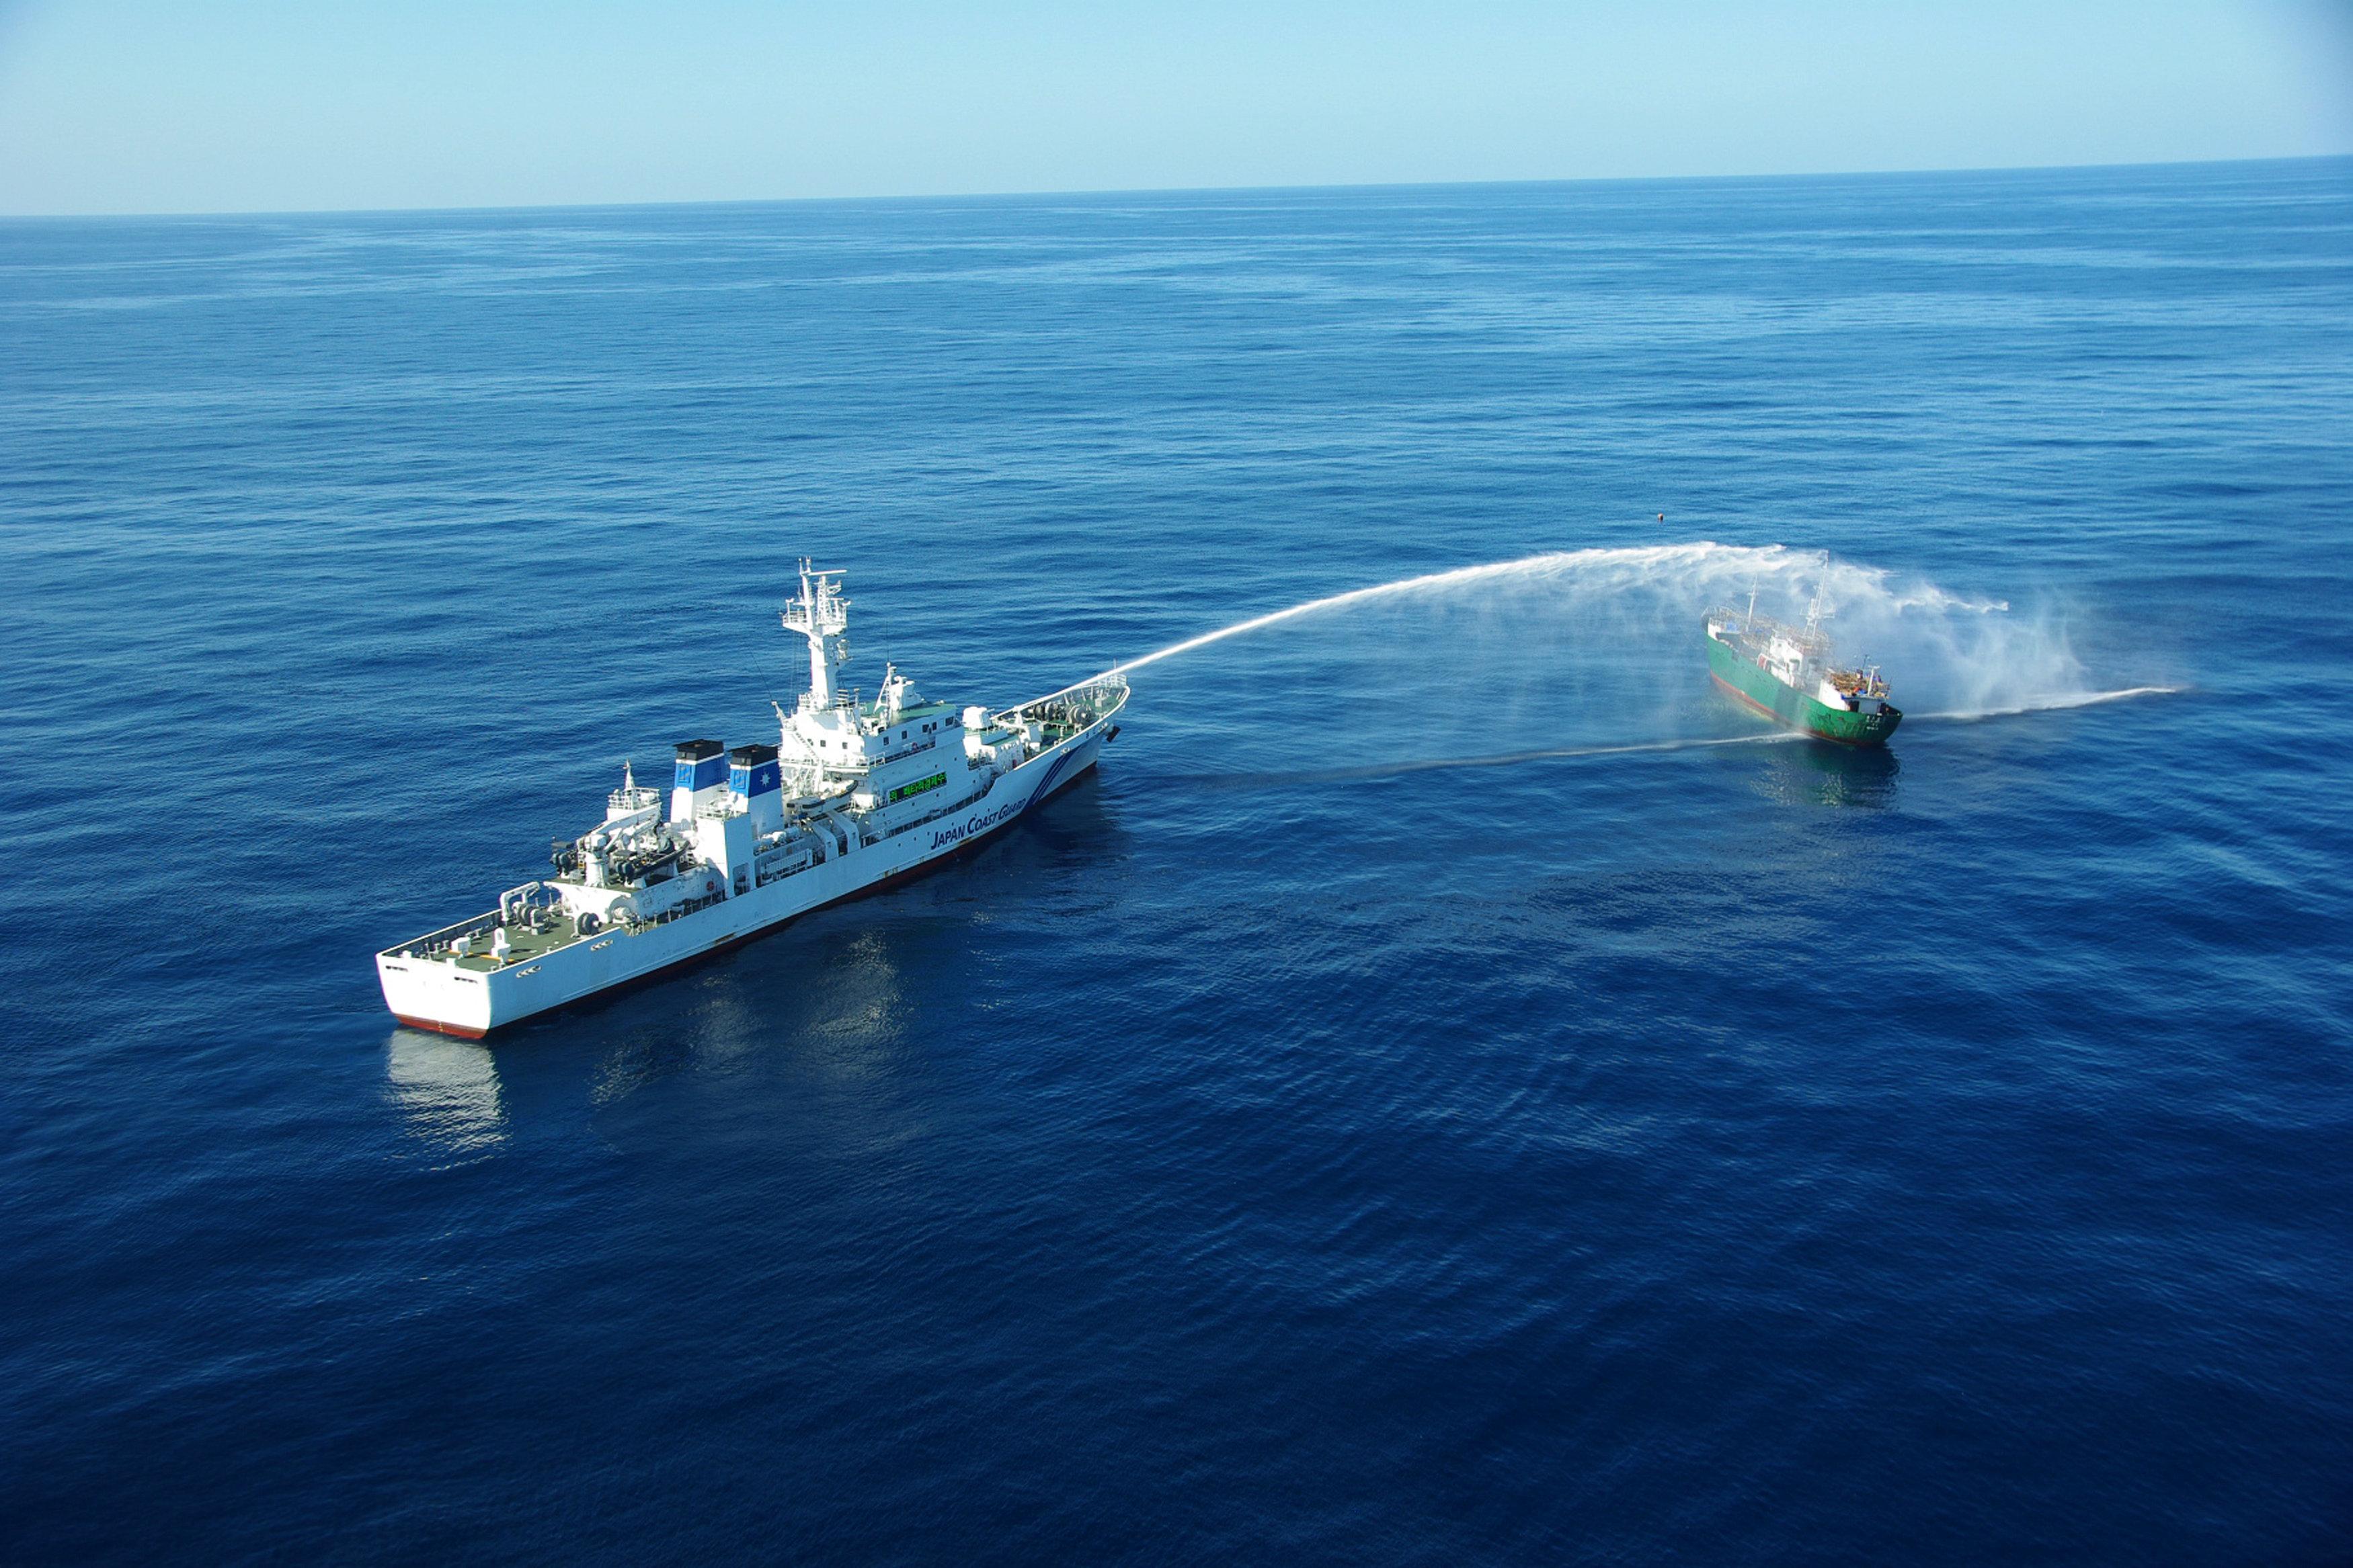 ضخ مياه على مركب صيد كوريا الشمالية